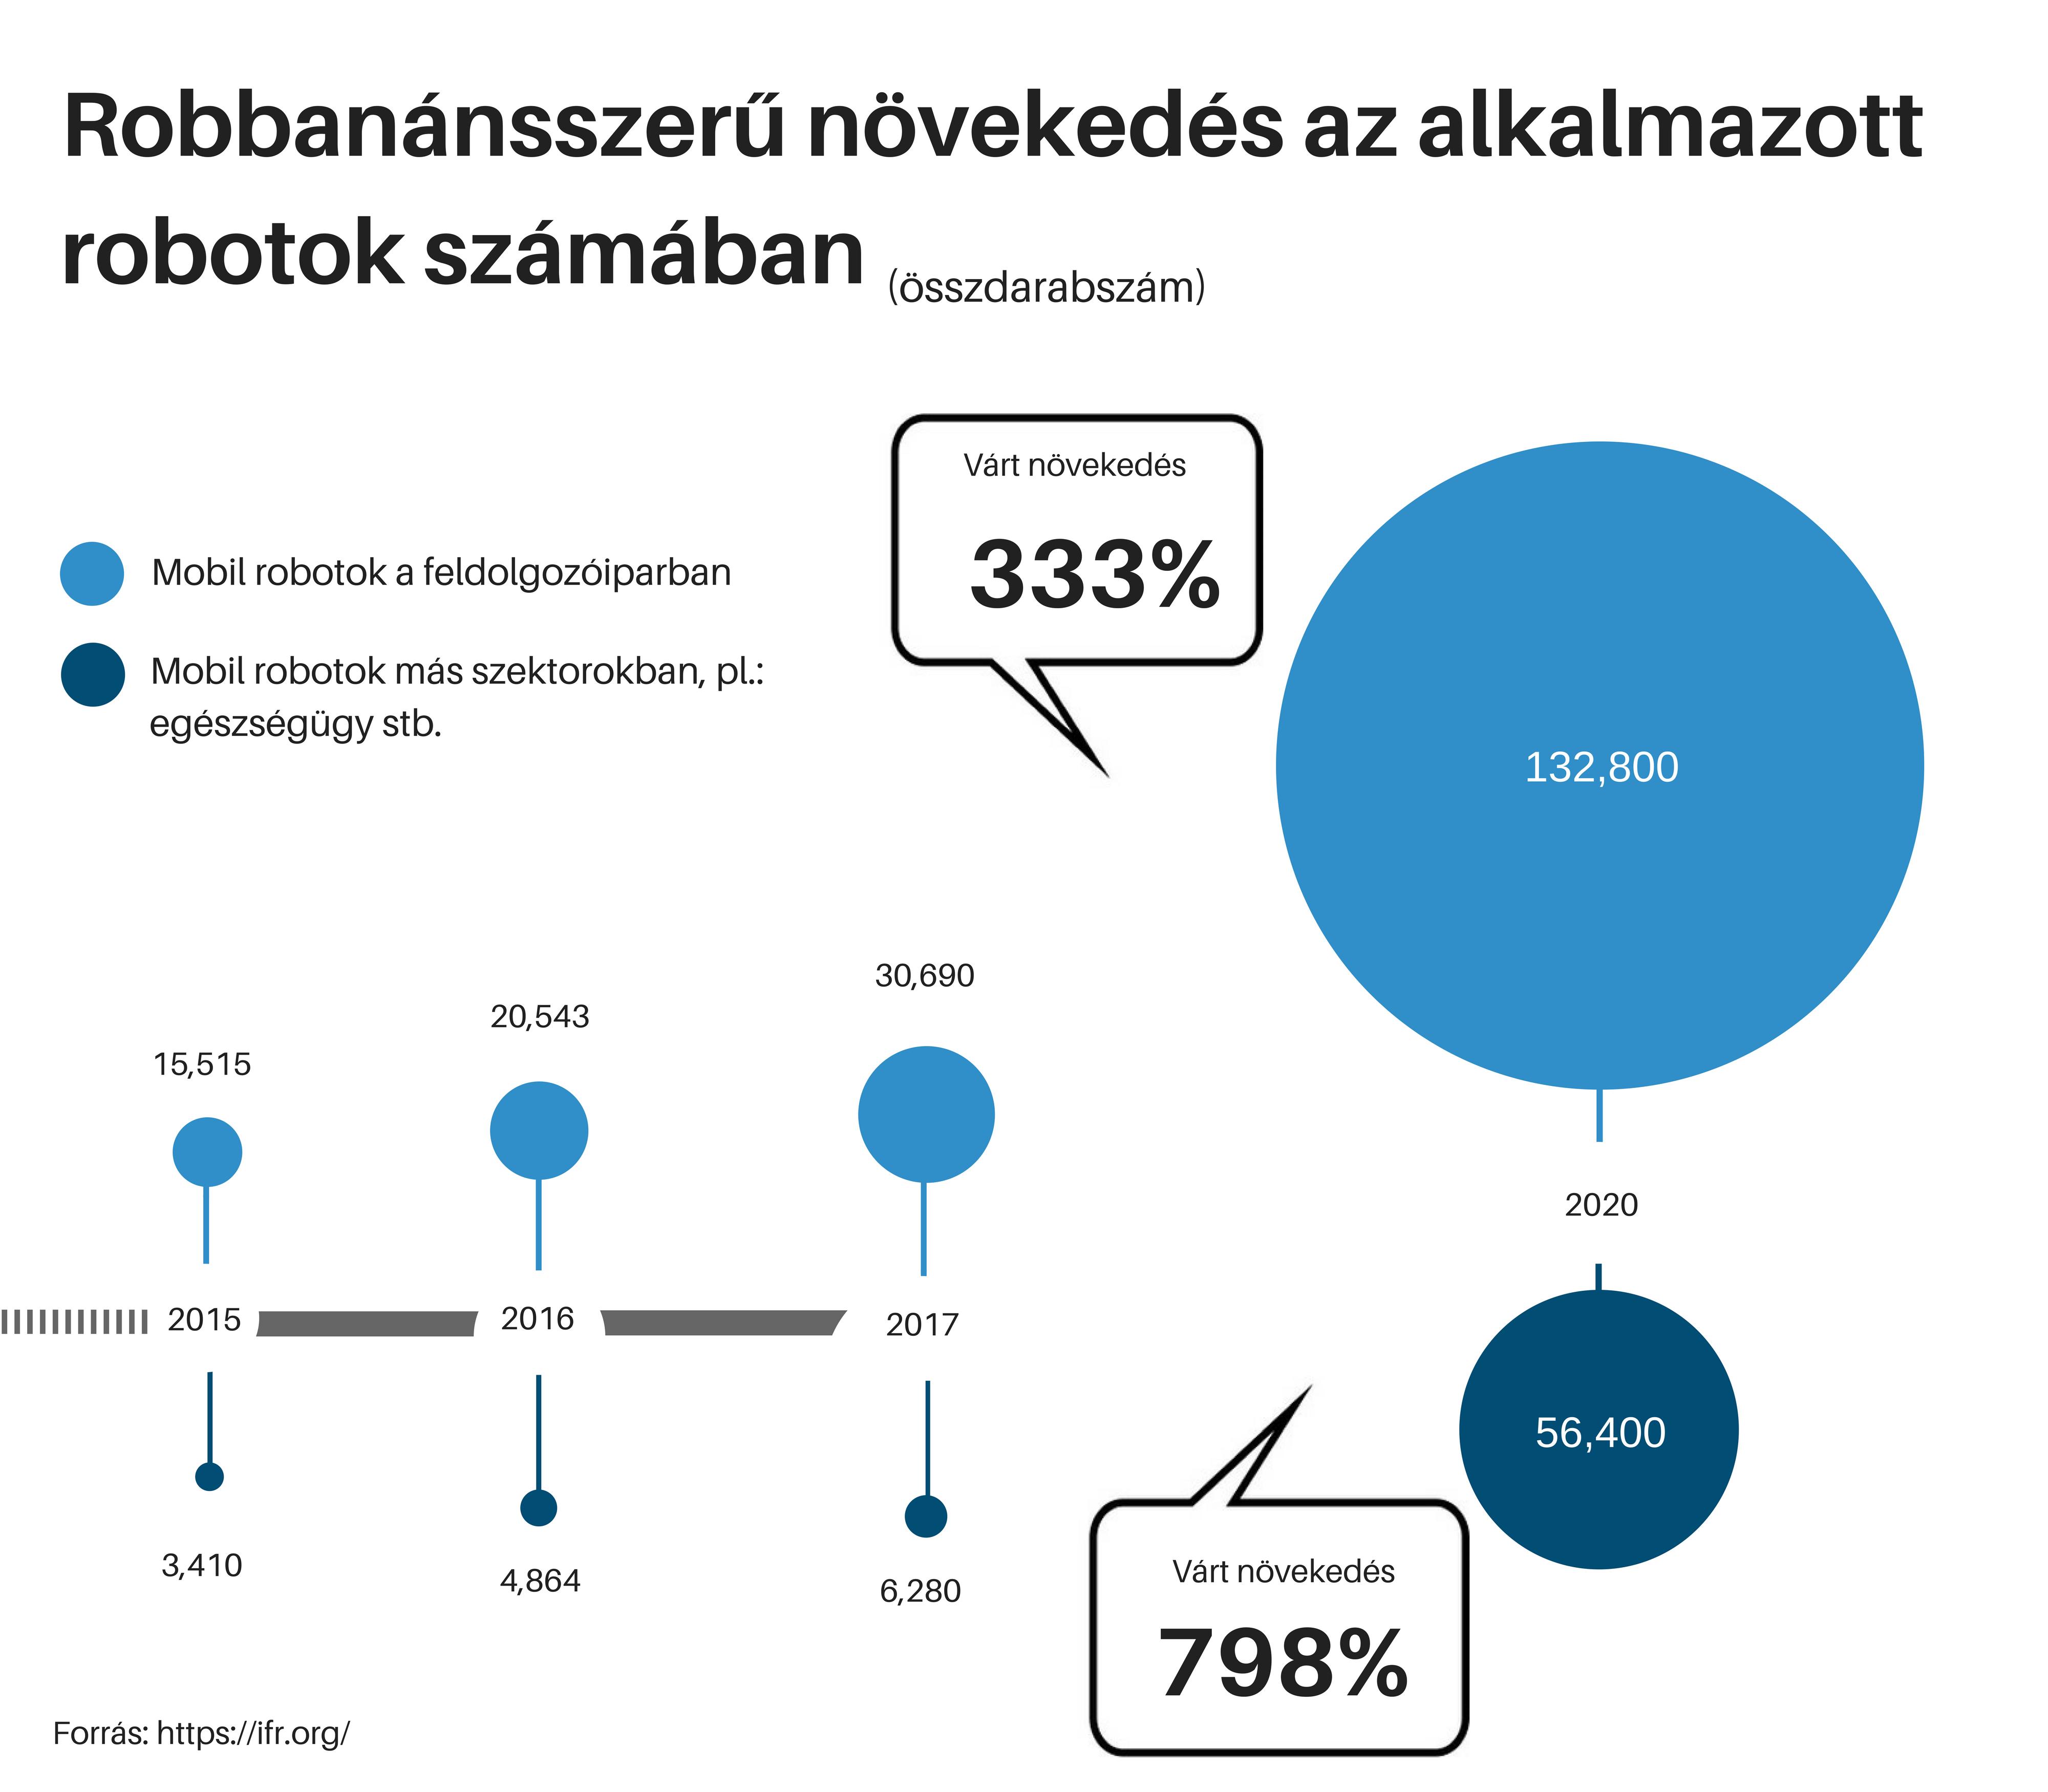 mir_robbanasszeru_novekedes_a_robotok_szamaban.png